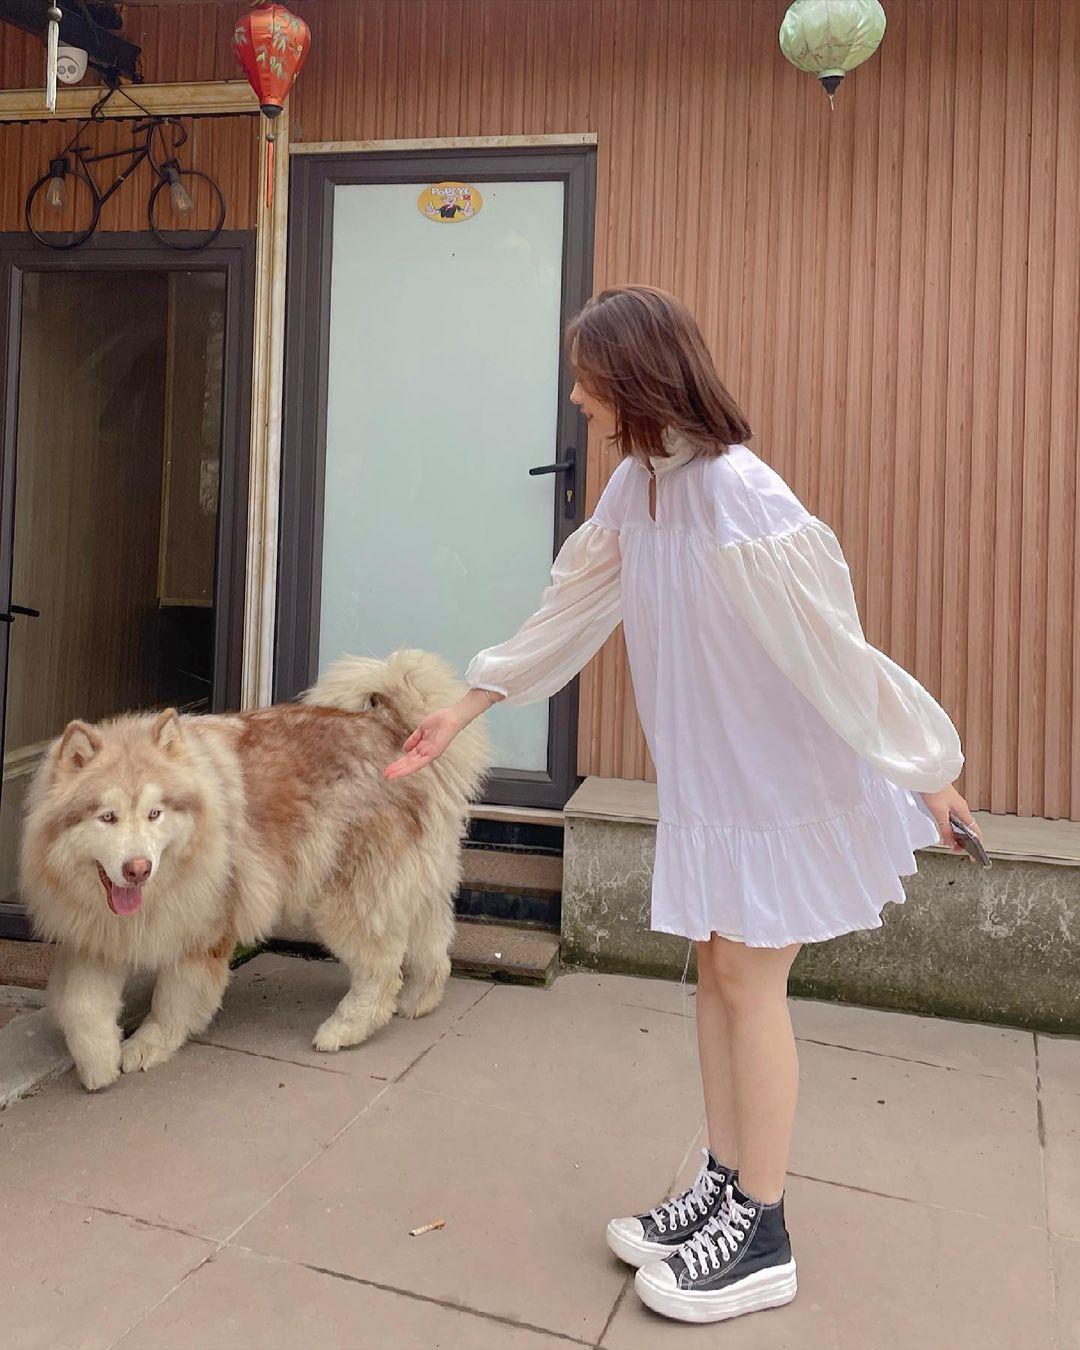 Học ca nương Kiều Anh tậu váy suông oversize giá chỉ vài trăm, mặc mát mà xinh như công chúa - Ảnh 6.